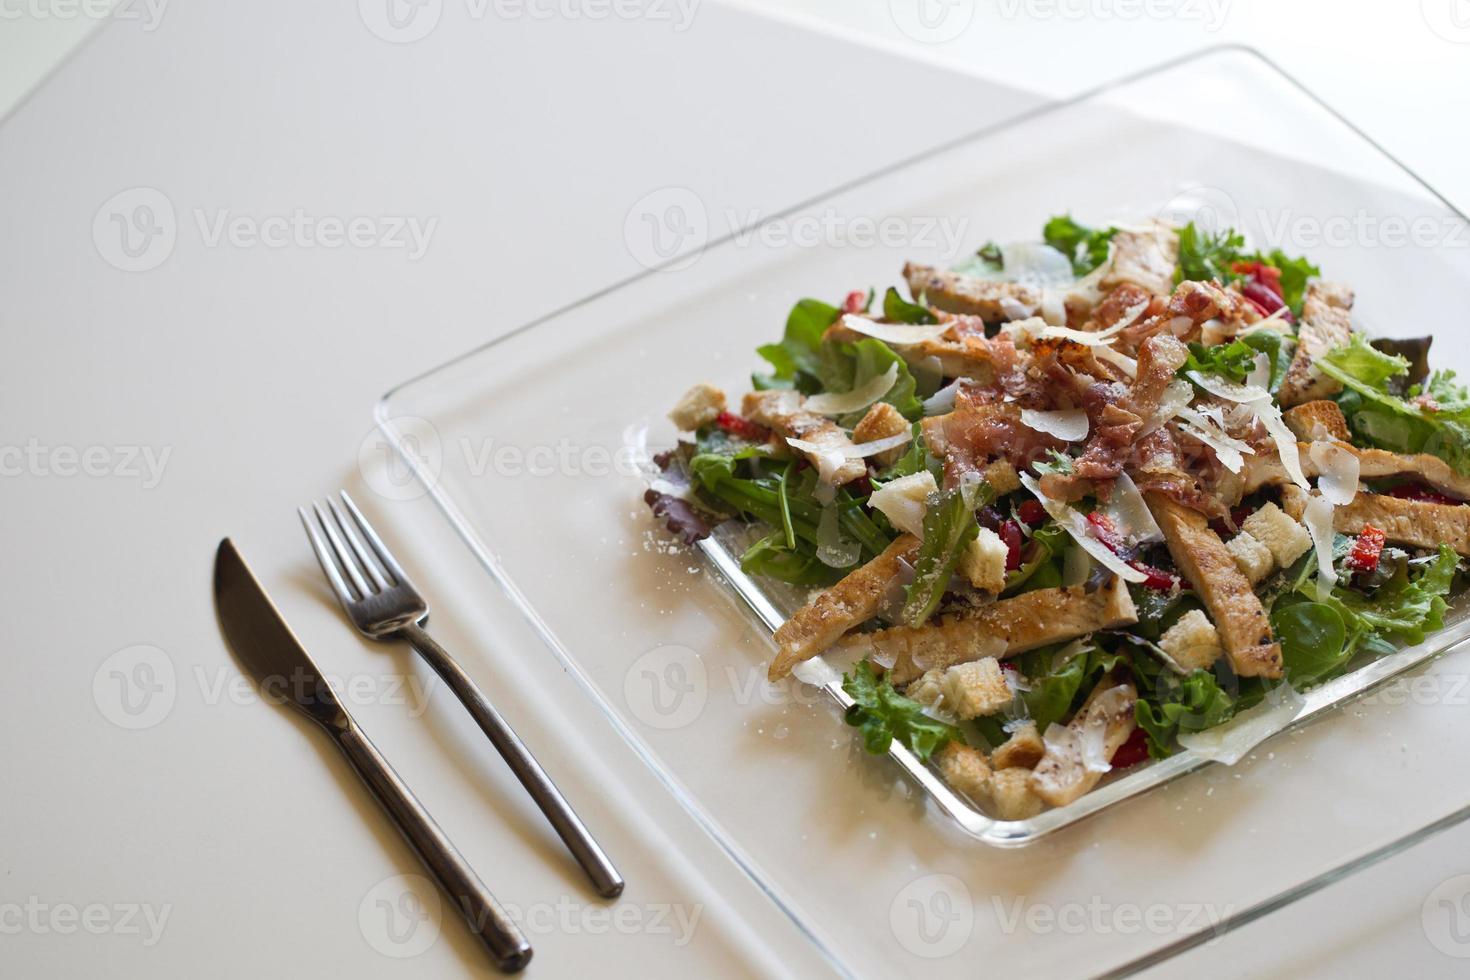 deliziosa insalata di pollo foto